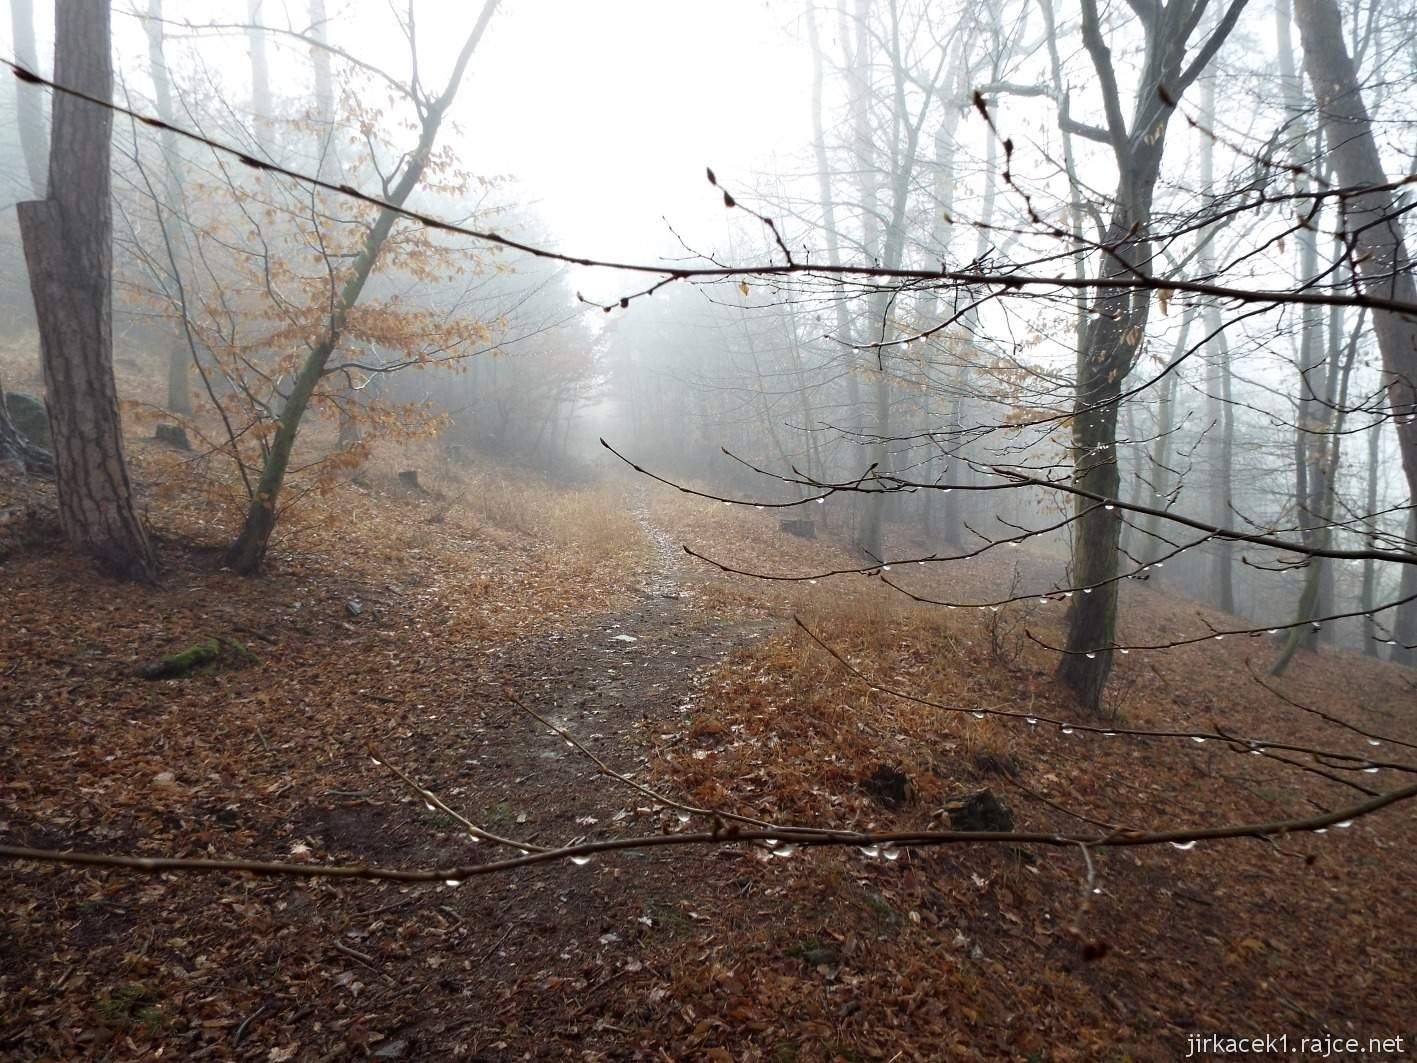 011 - Stezka u druhé keše - kapky na stromě